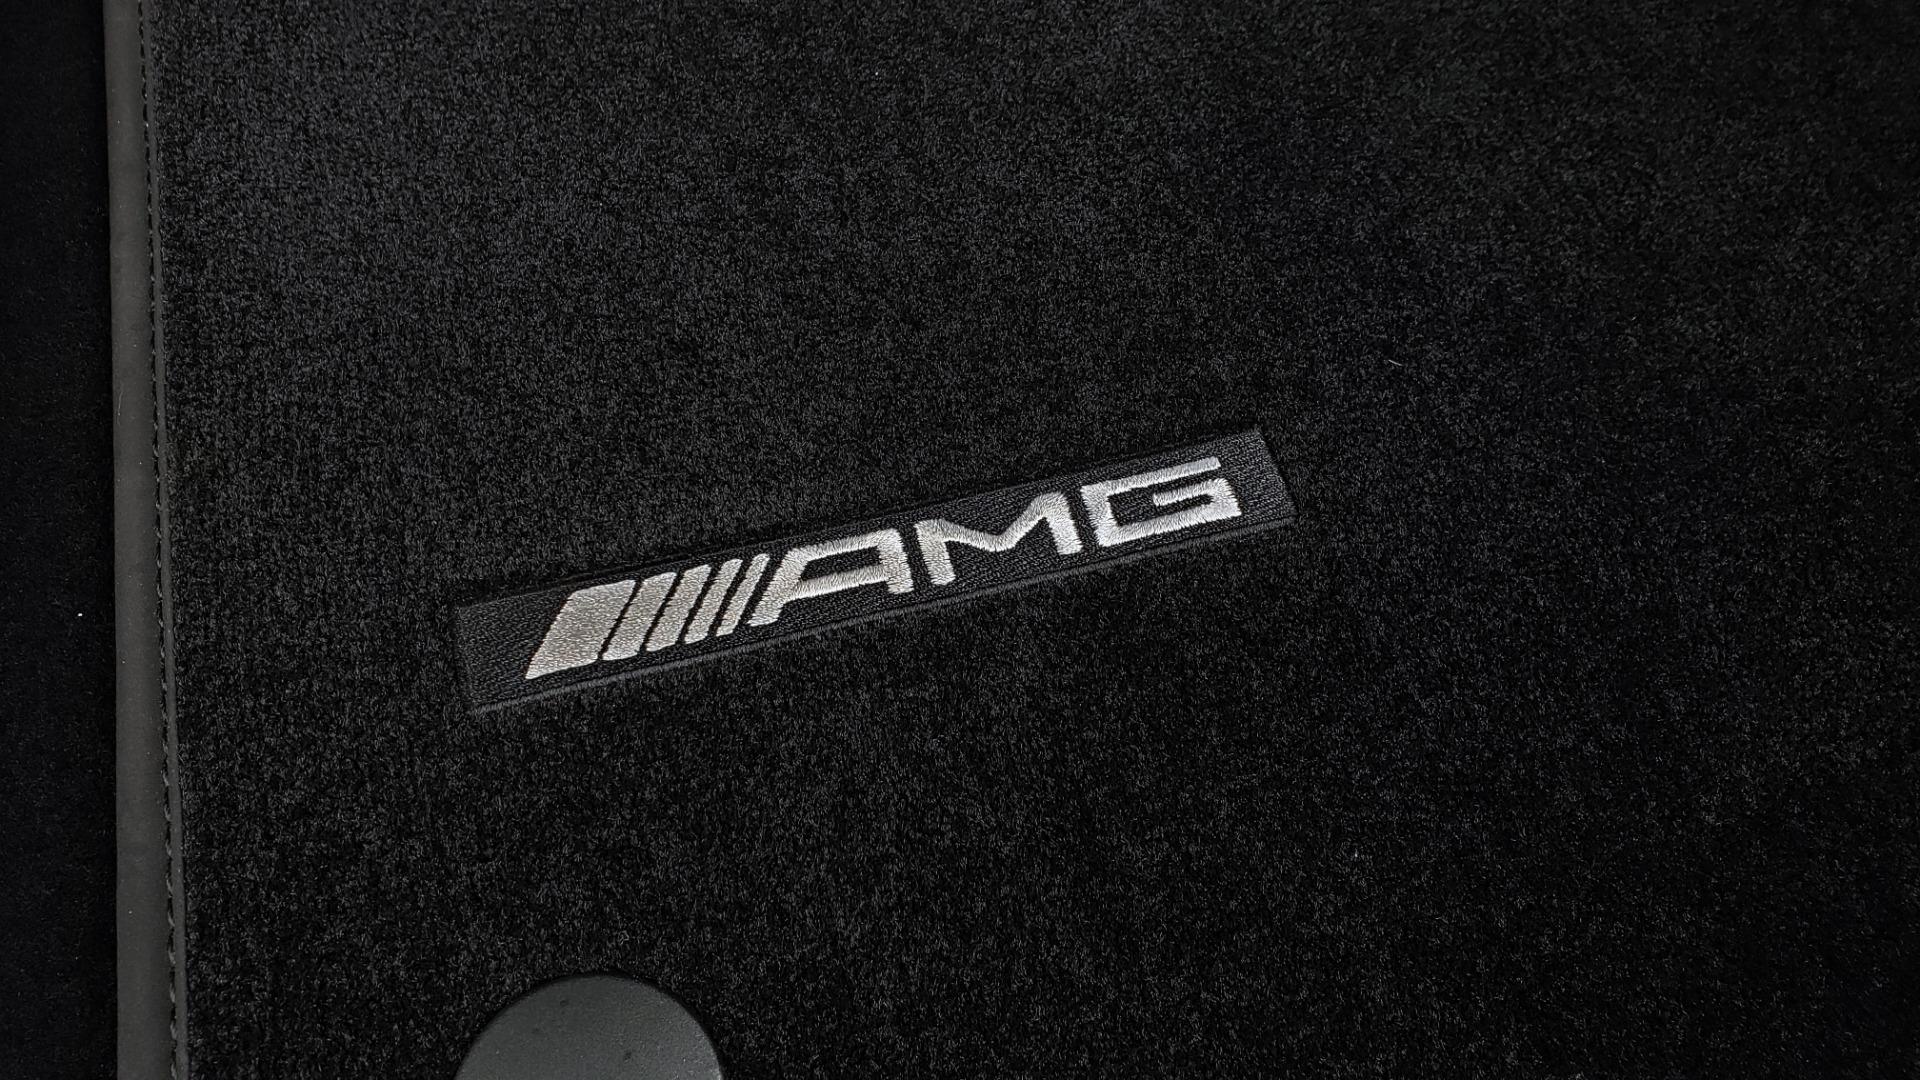 Used 2016 Mercedes-Benz GLE 450 AMG / AWD / PREM PKG / PARK ASST / DRVR ASST / SUNROOF for sale Sold at Formula Imports in Charlotte NC 28227 17